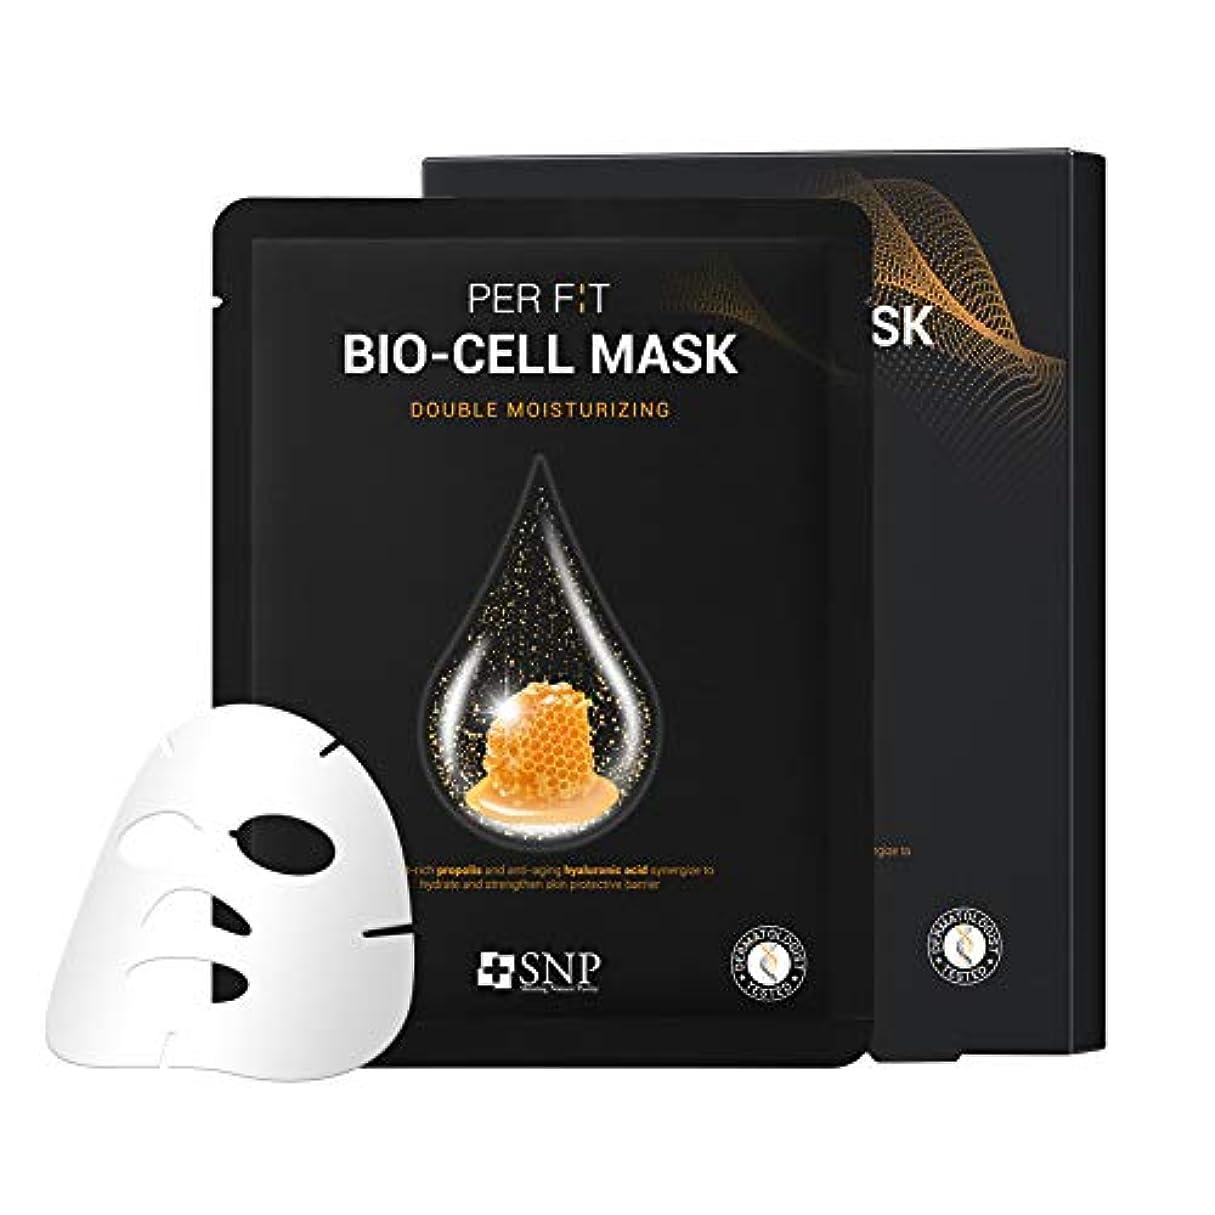 集中的なファブリックリビングルーム【SNP公式】パーフィット バイオセルマスク ダブルモイスチャライジング 5枚セット / F:T BIO-CELL MASK DOUBLE MOISTURIZING 韓国パック 韓国コスメ パック マスクパック シートマスク 高機能